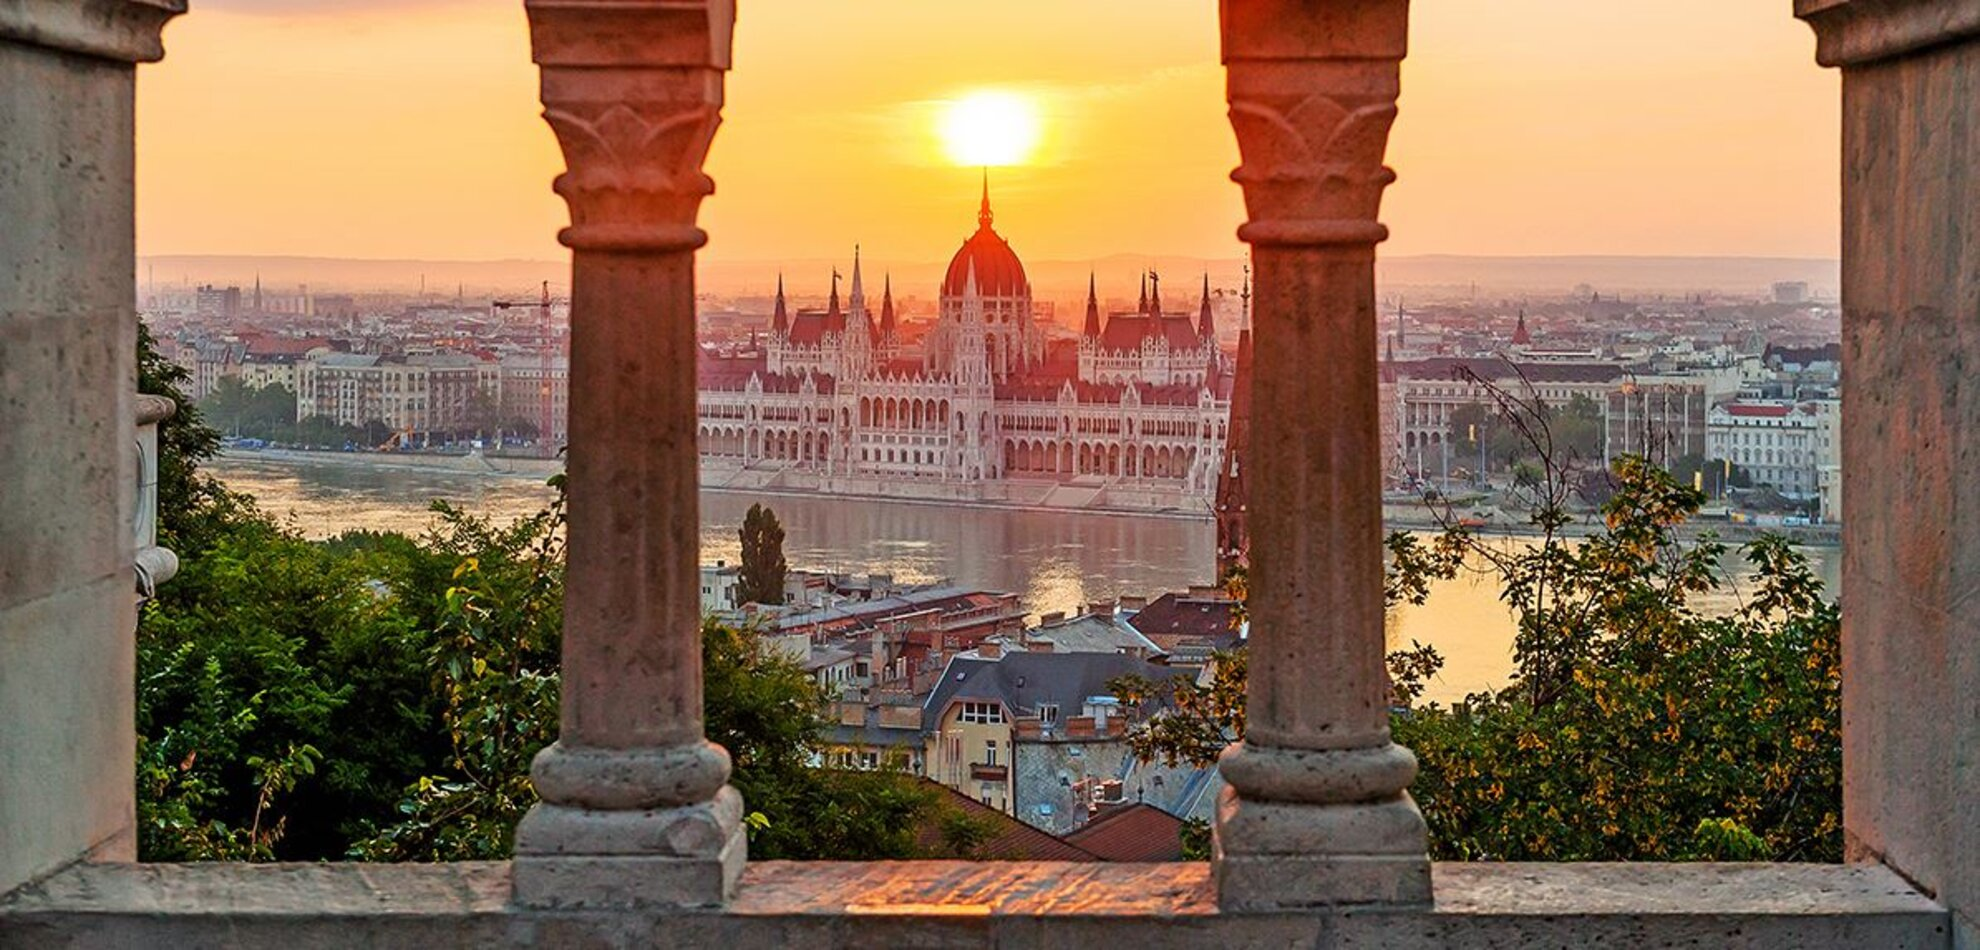 """""""Megható látni, Budapest milyen érzelmeket képes előcsalni az emberekből"""" – interjú Bódis Krisztián fotóssal"""